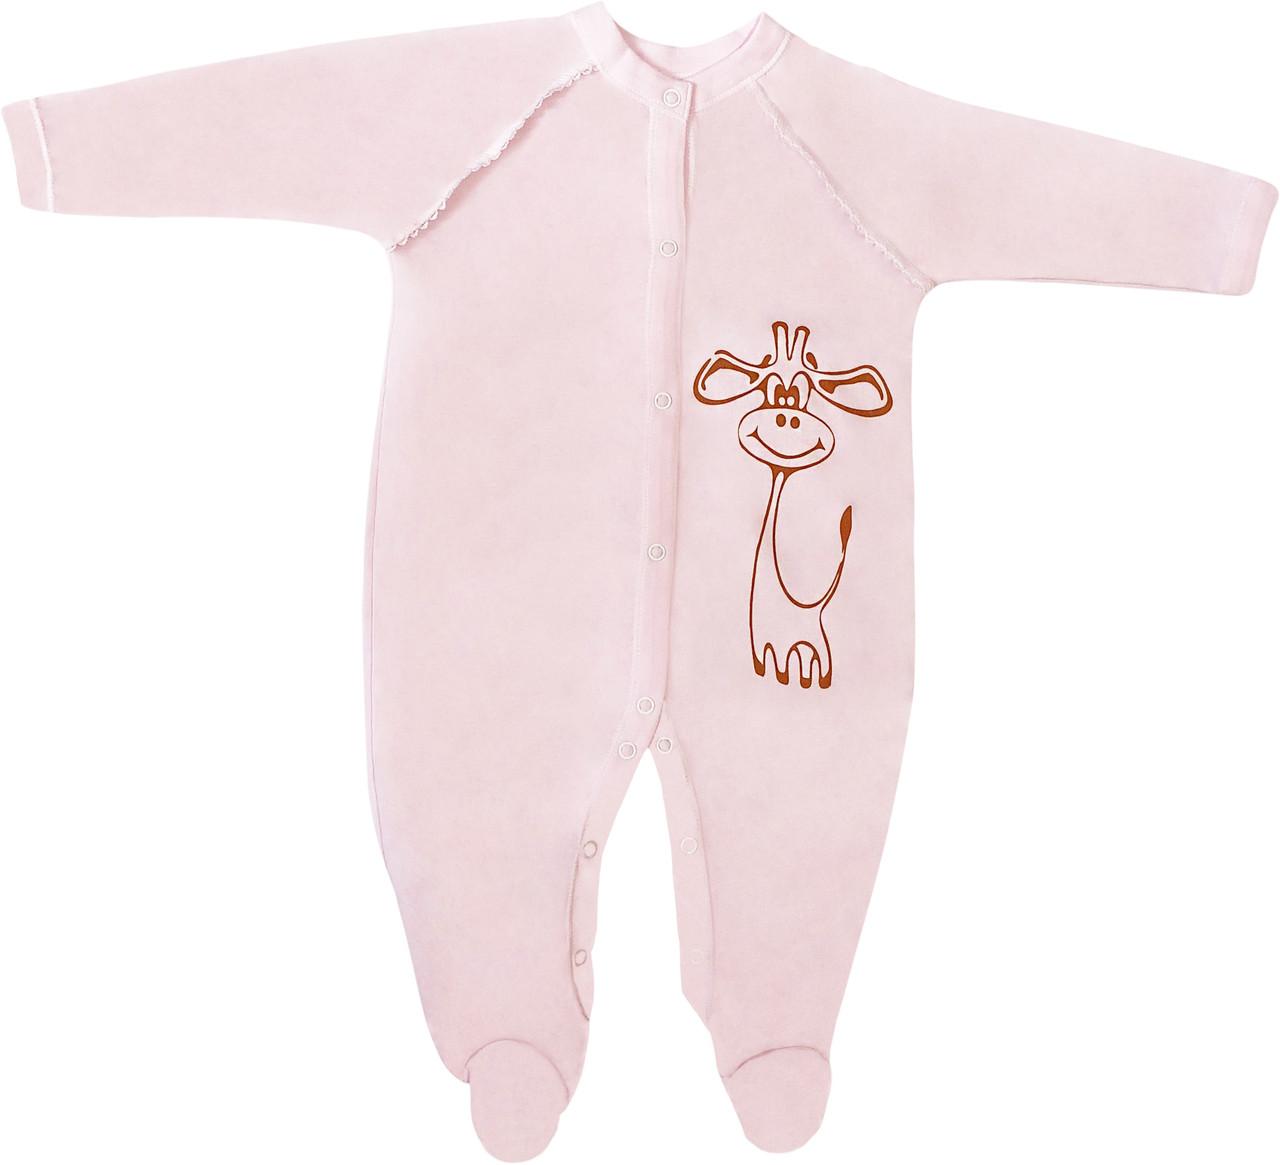 Тёплый человечек с начёсом на девочку рост 86 1-1,5 года для новорожденных слип трикотажный интерлок розовый